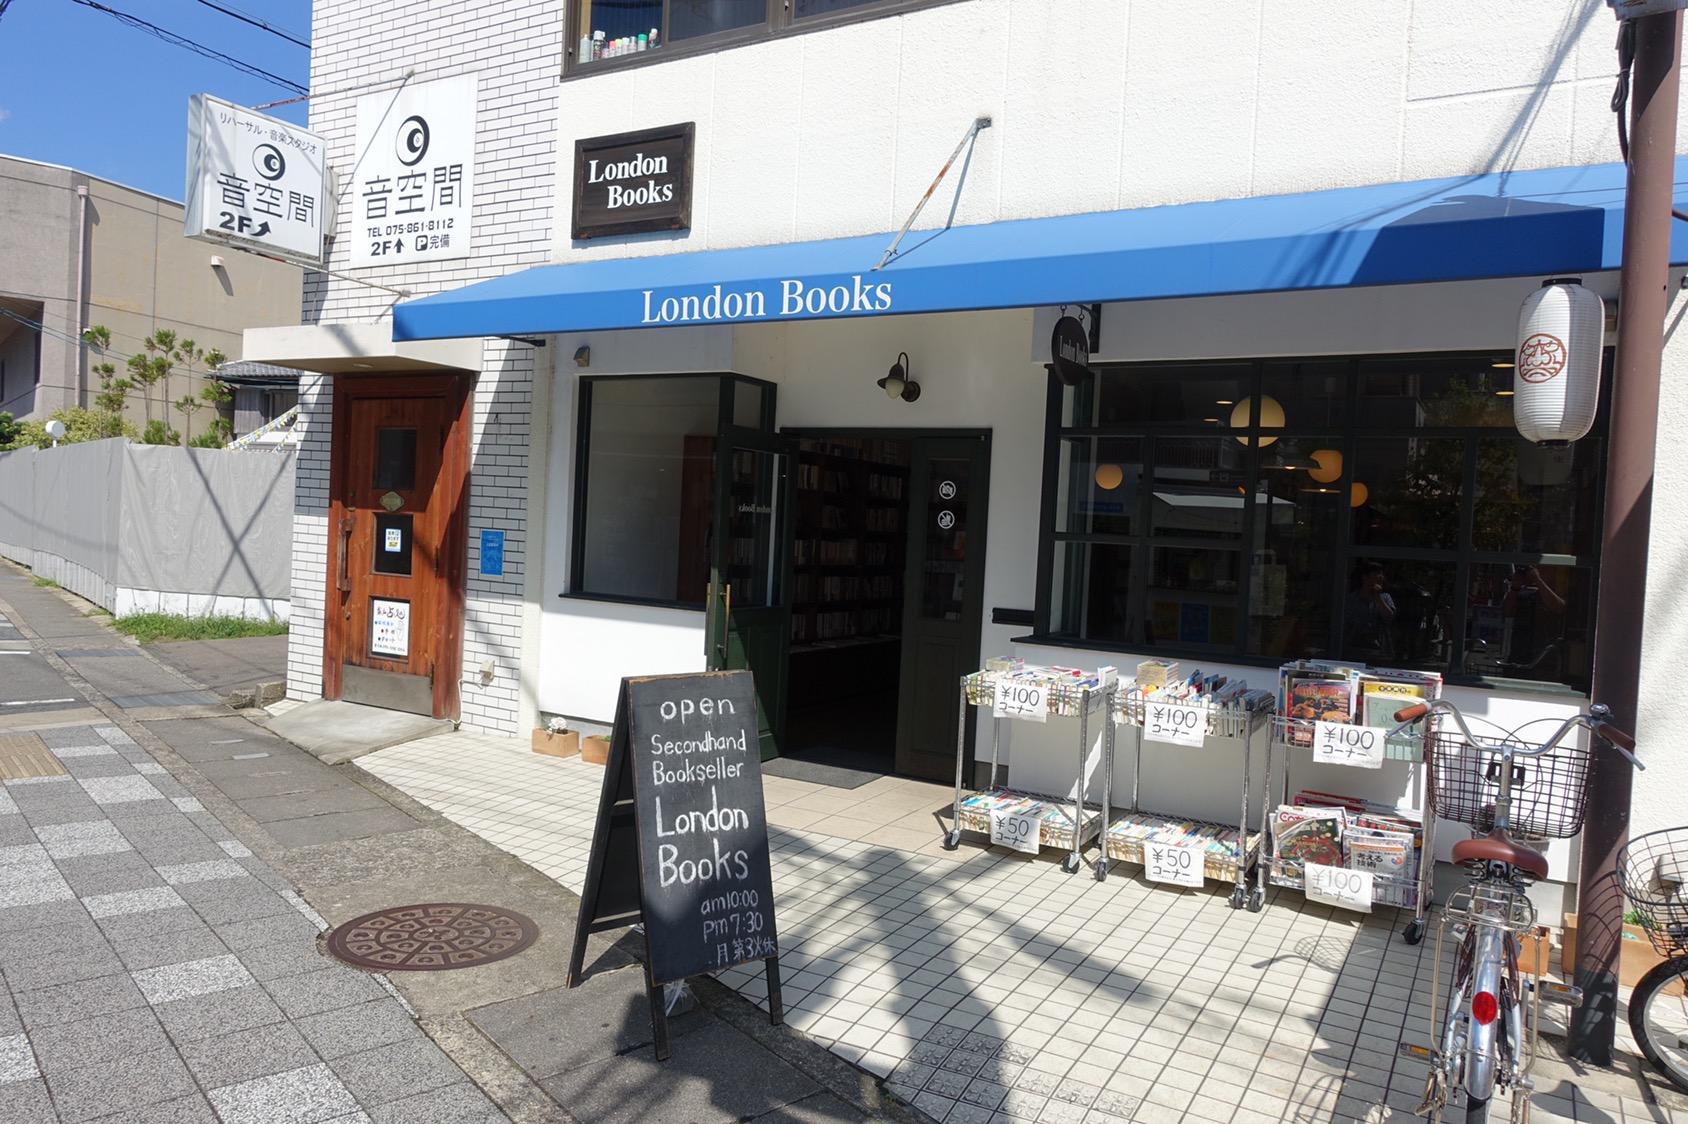 London Books arashiyama 京都